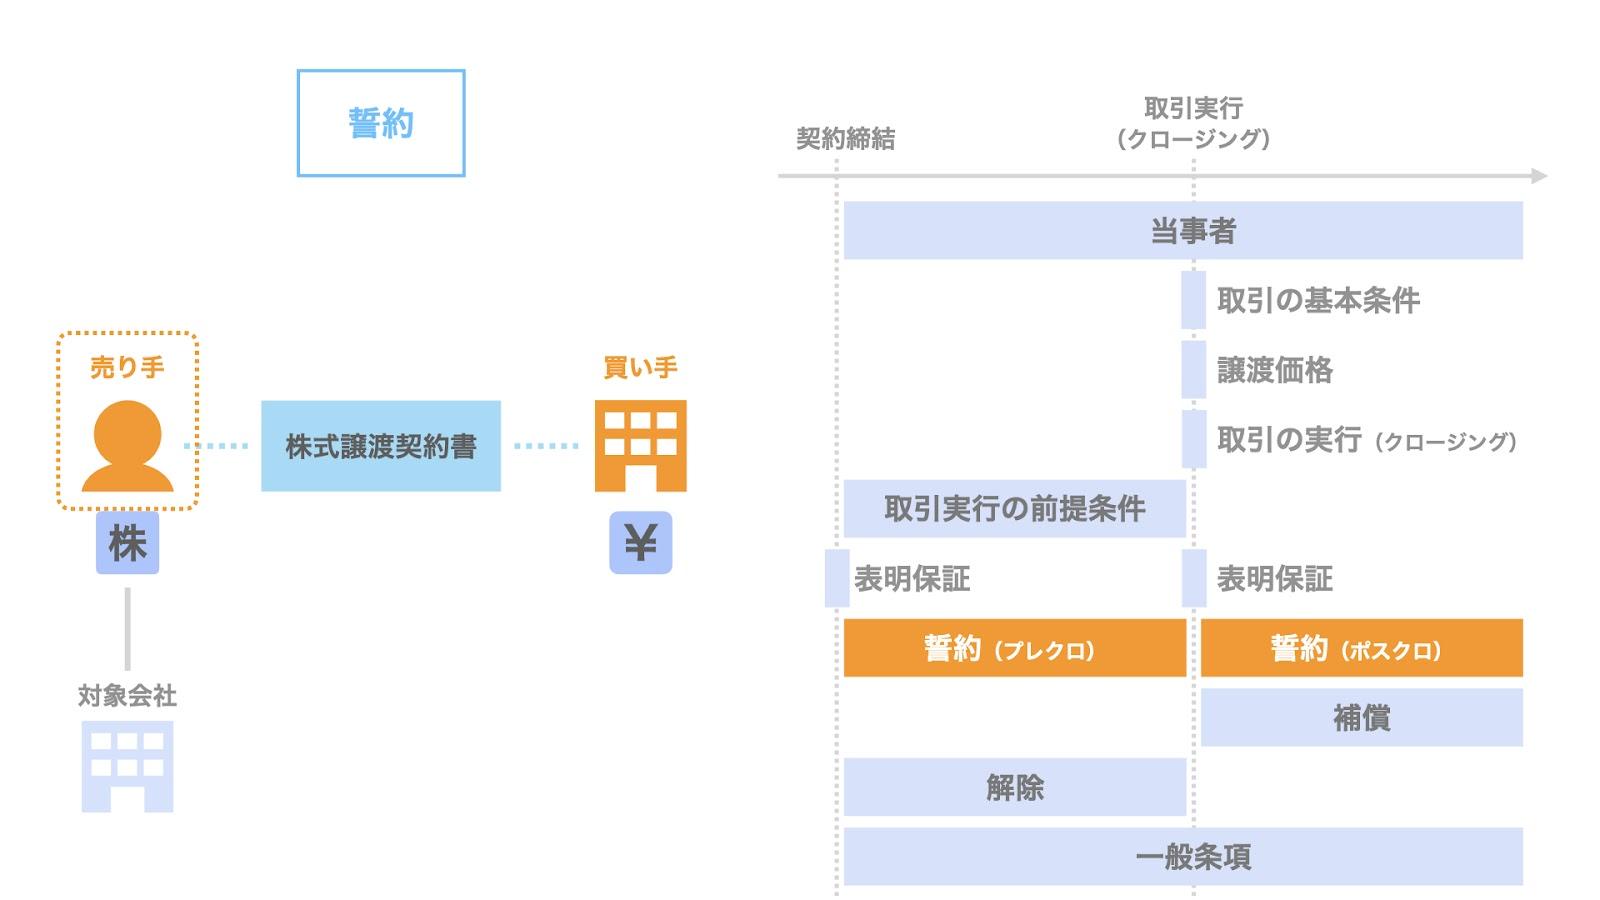 株式譲渡契約における誓約